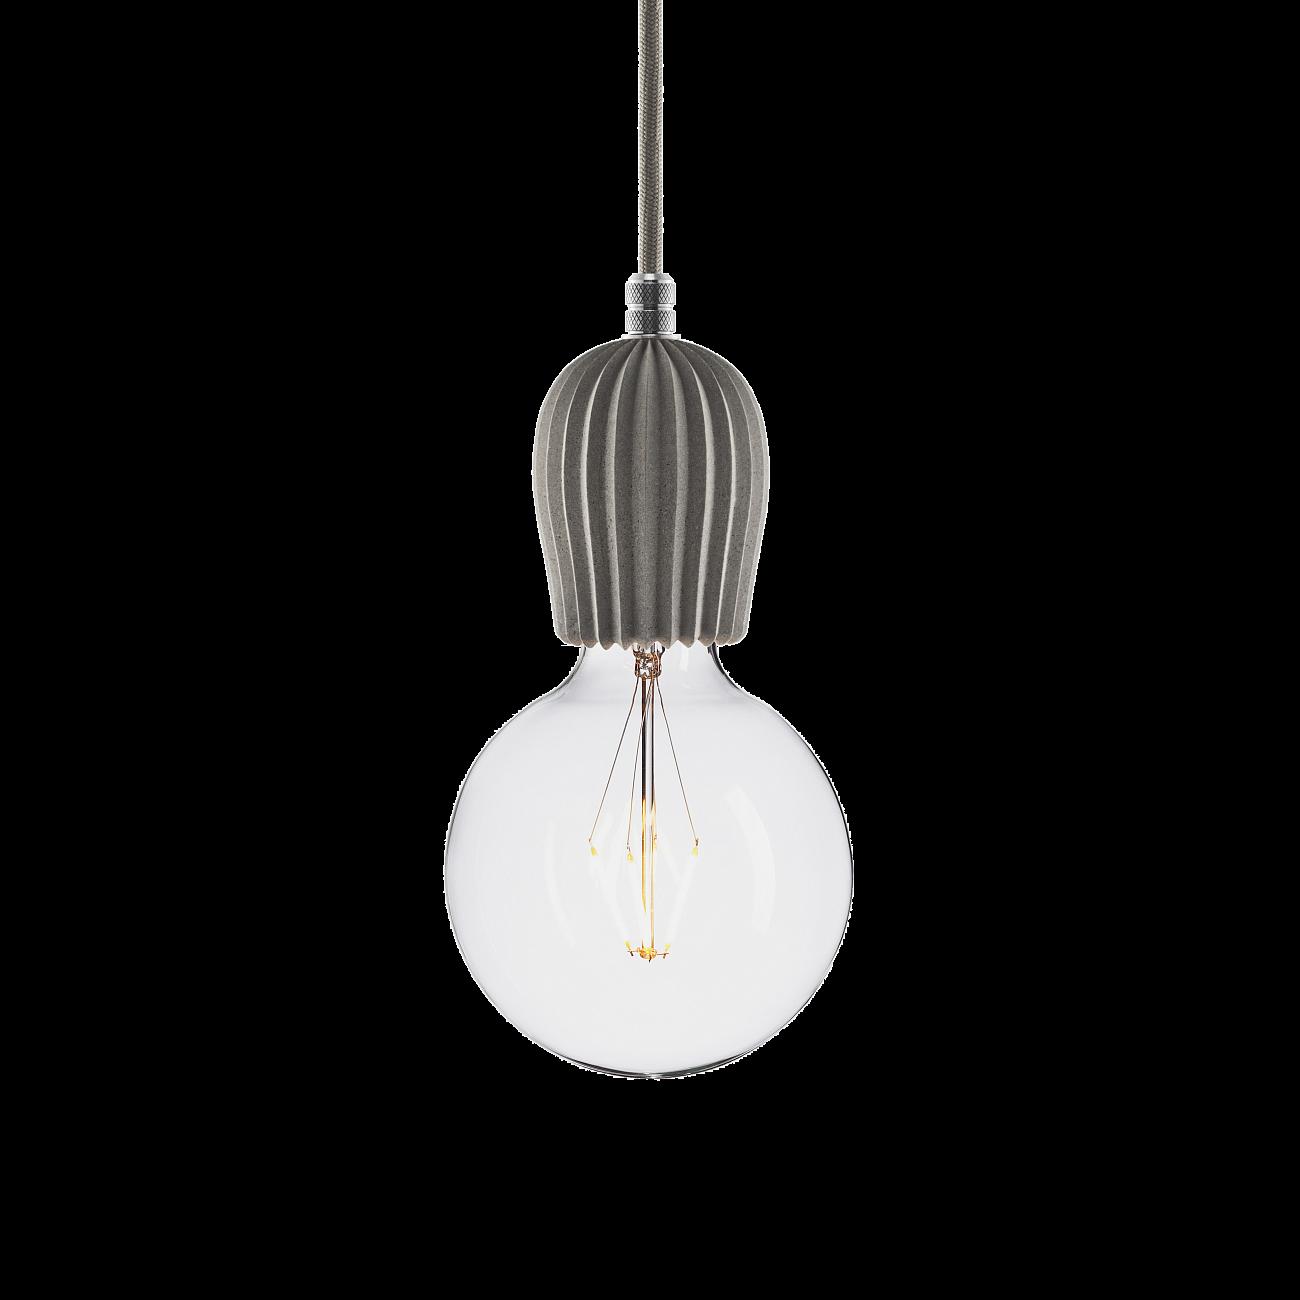 Купить Подвесной светильник BETON RIB GRAY ALUMINUM в интернет магазине дизайнерской мебели и аксессуаров для дома и дачи